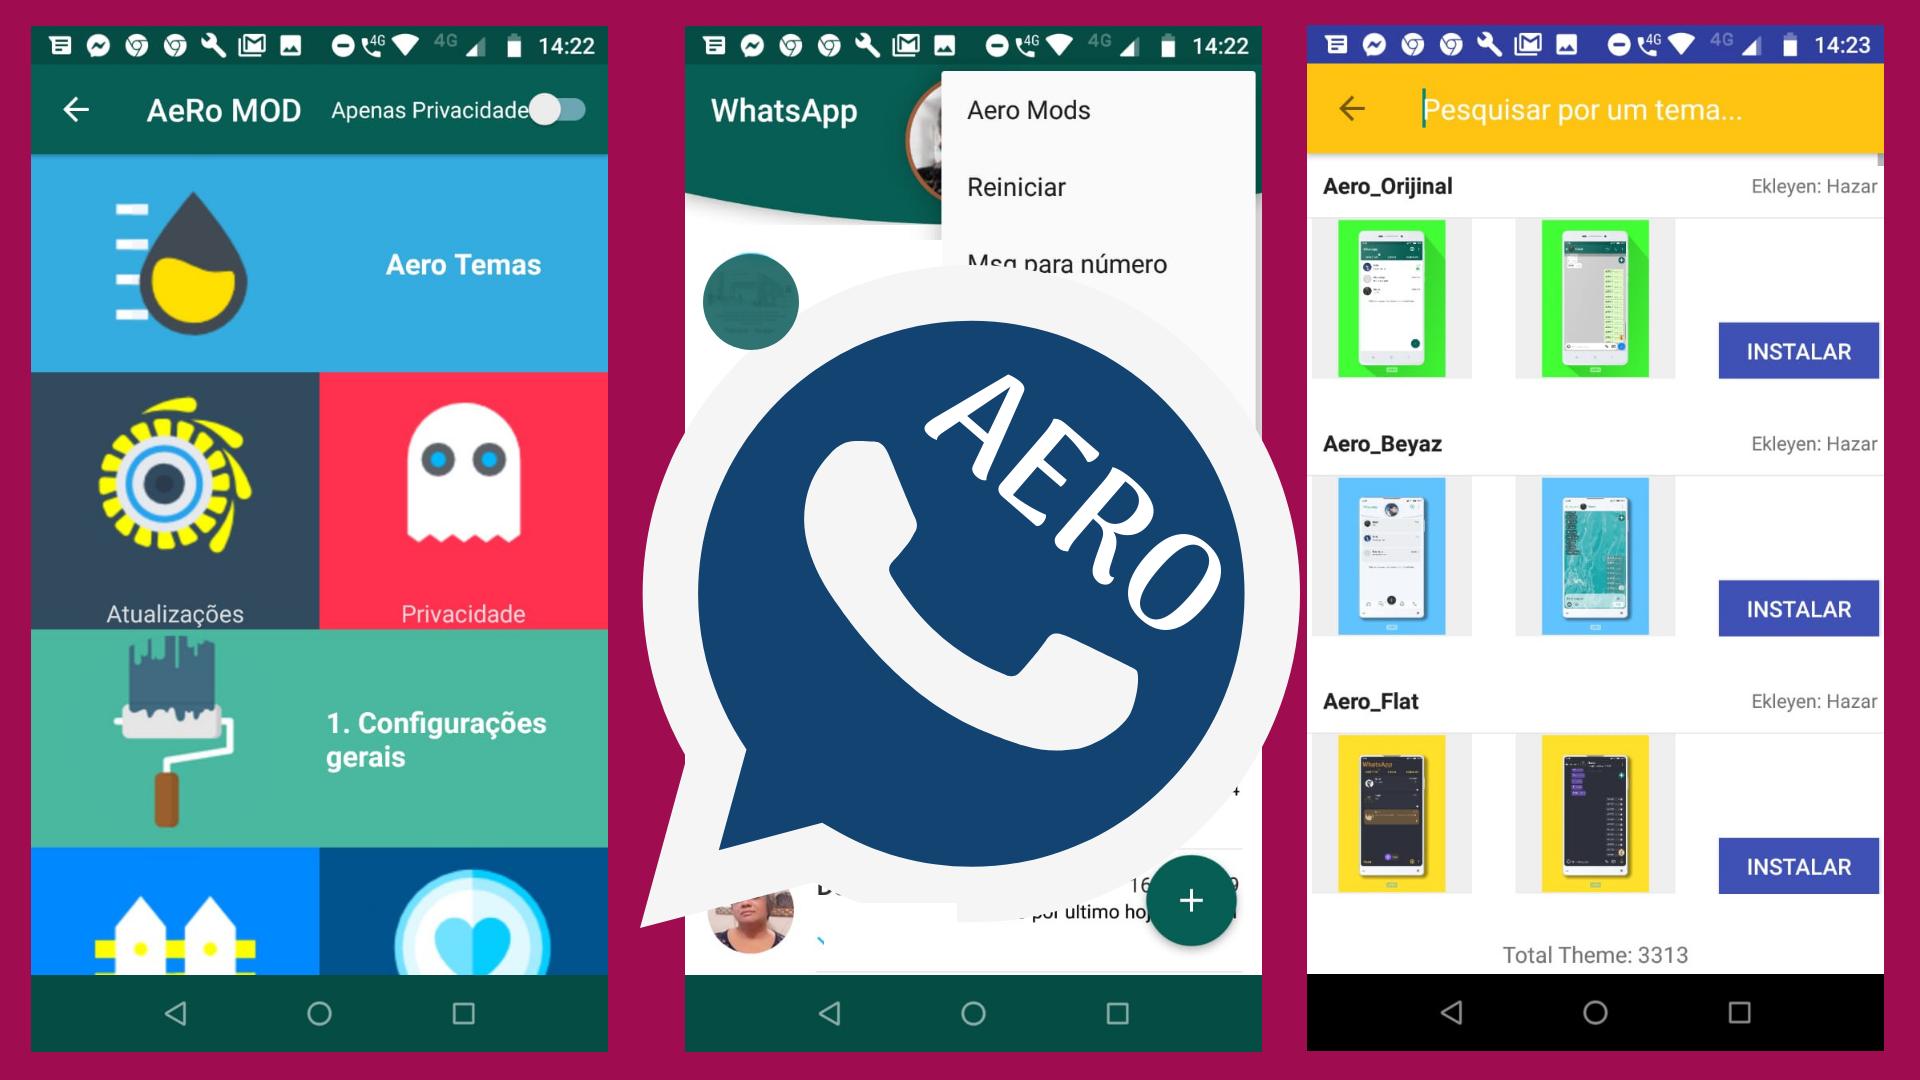 WhatsApp Aero é uma app mod do WhatsApp perfeito nos